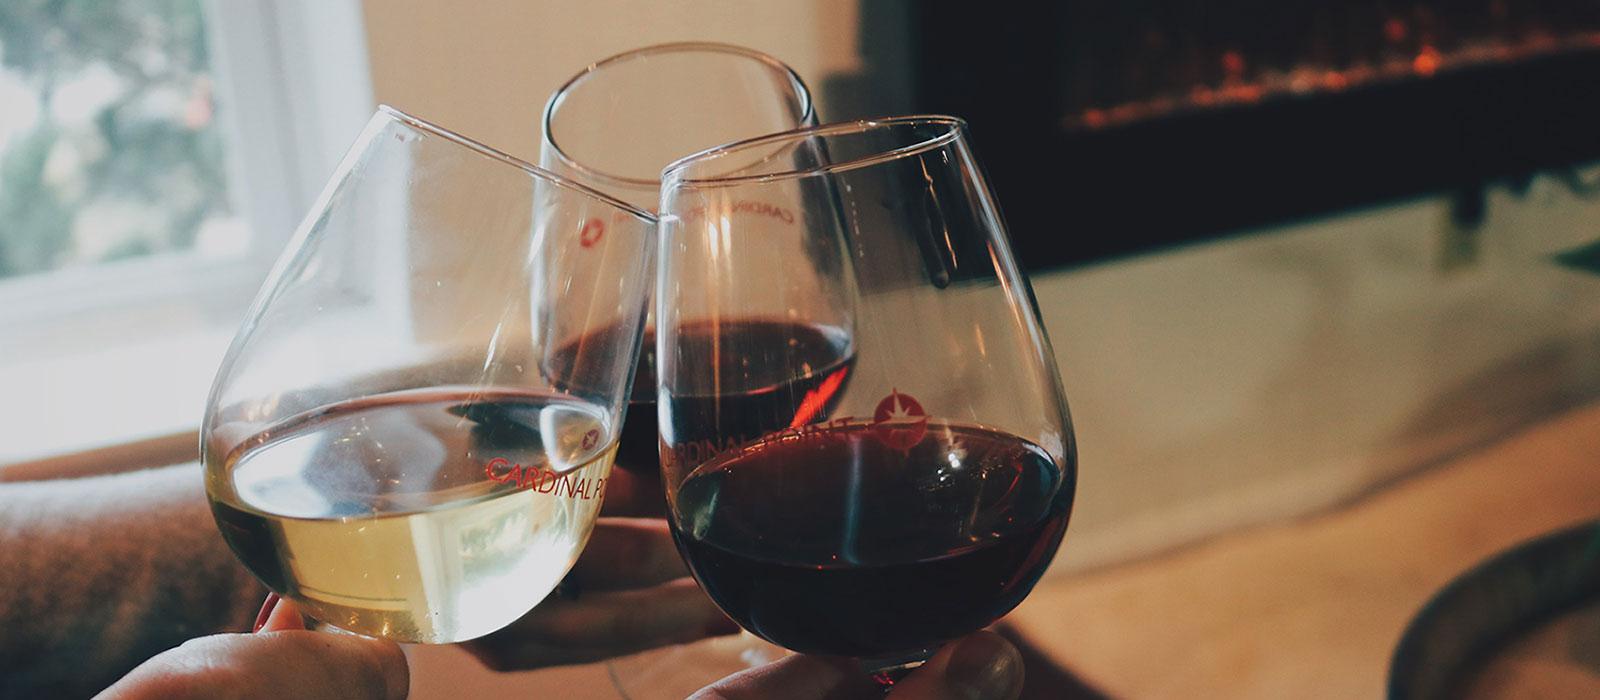 three-wines-cheers